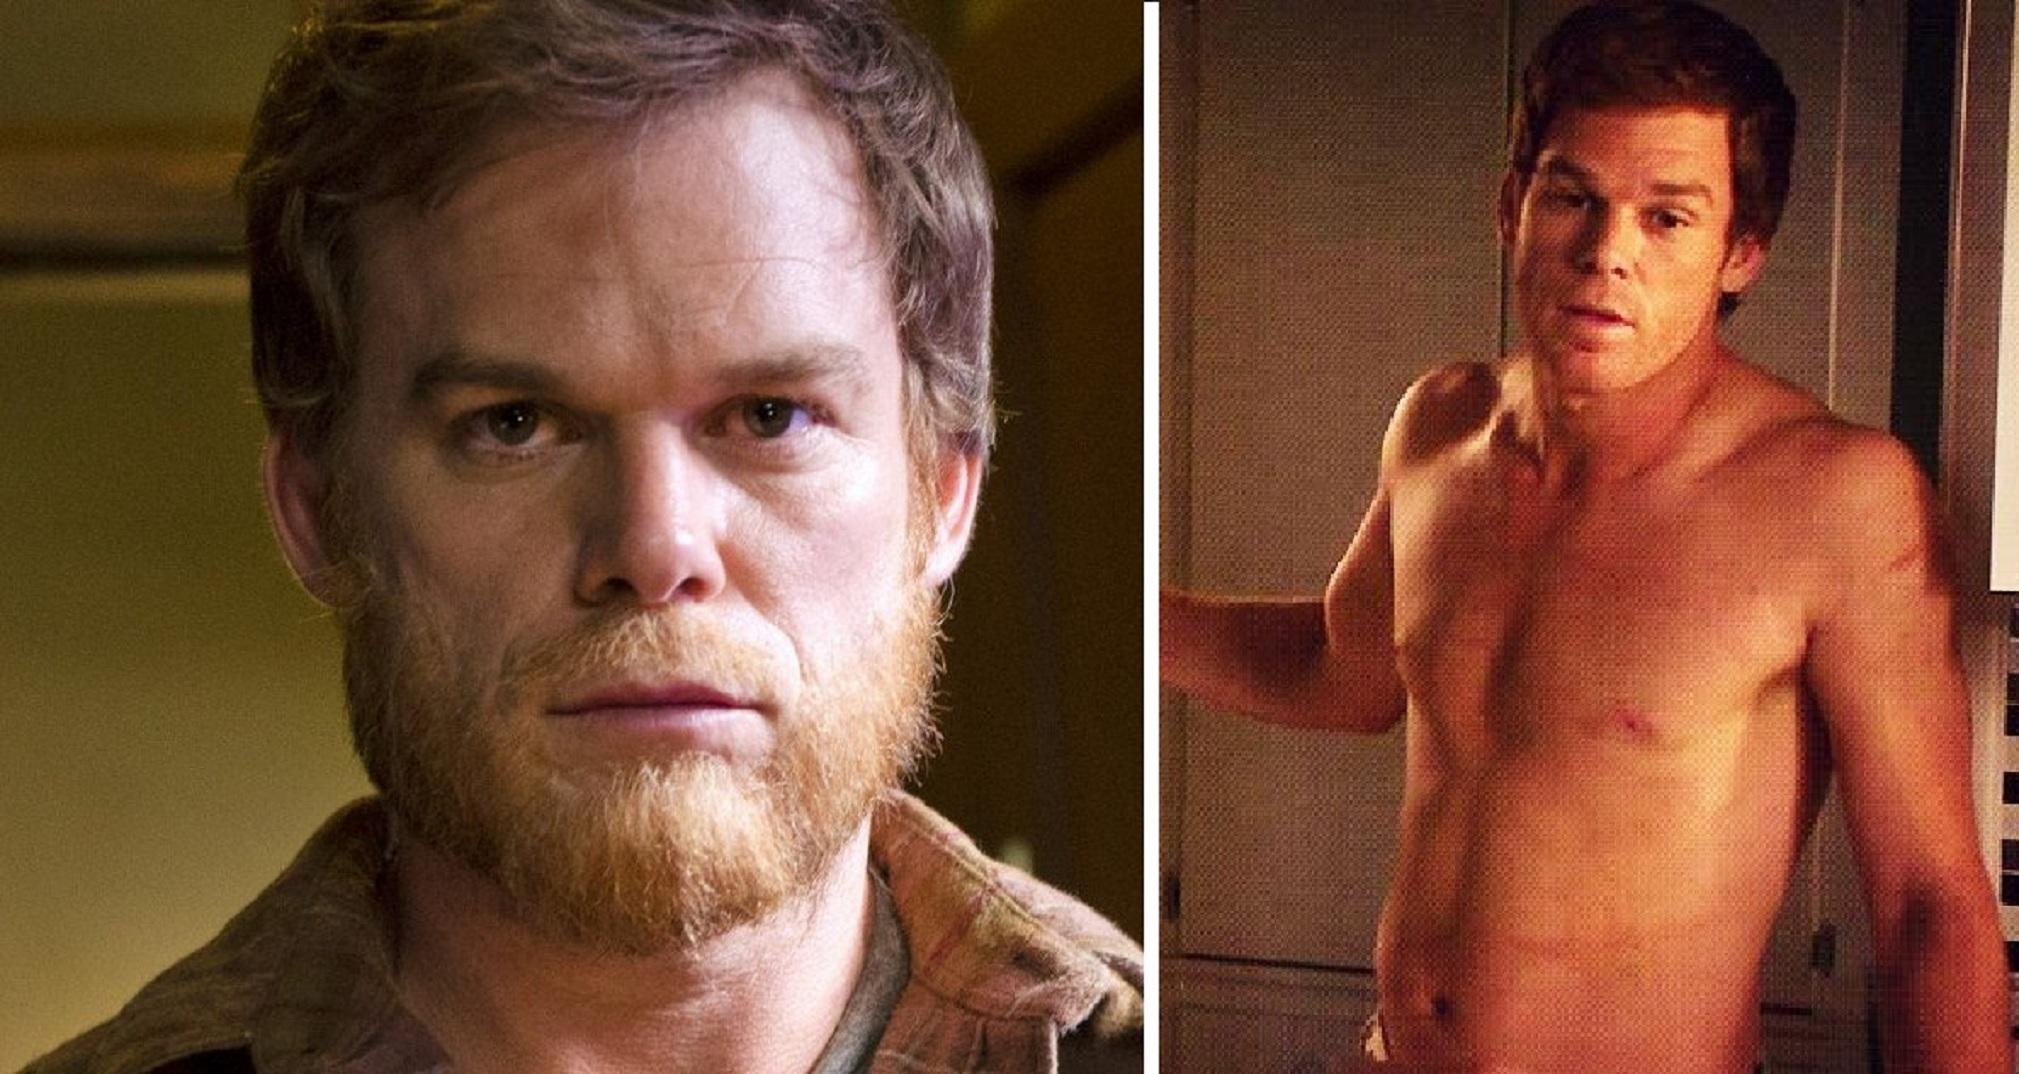 """'Dexter' Star Michael C. Hall Reveals He's Attracted To Men Too – """"I'm Not All The Way Heterosexual"""""""